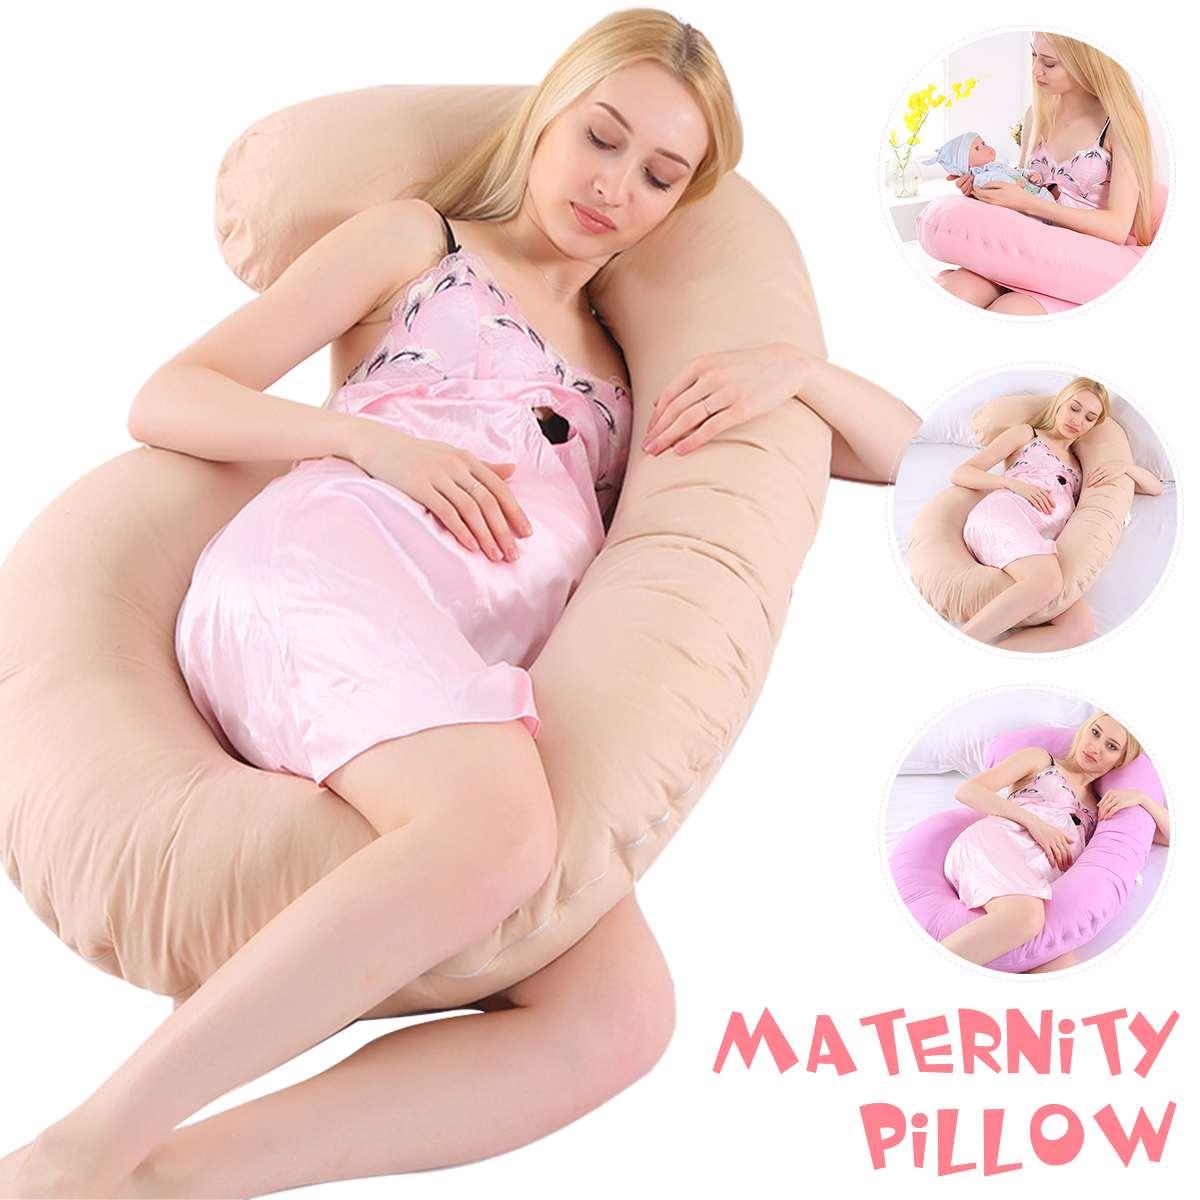 وسادة دعم للنوم على شكل حرف C للنساء الحوامل ، وسادة الأمومة ، للنوم على الجانب